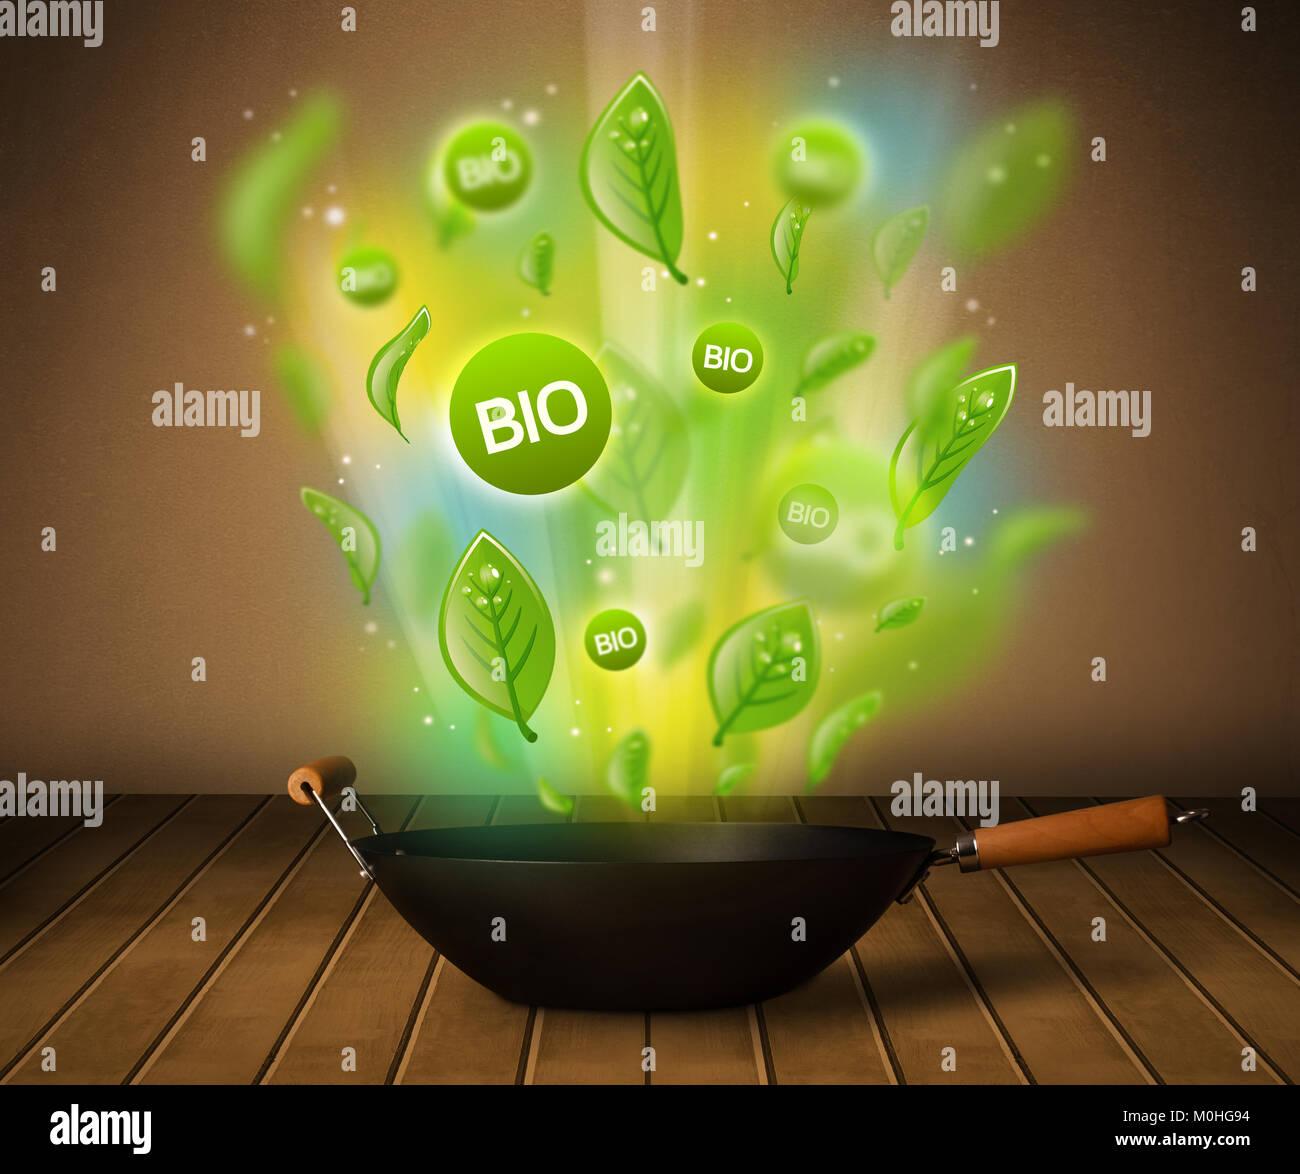 Green Leaf Bio Iron Stock Photos & Green Leaf Bio Iron Stock Images